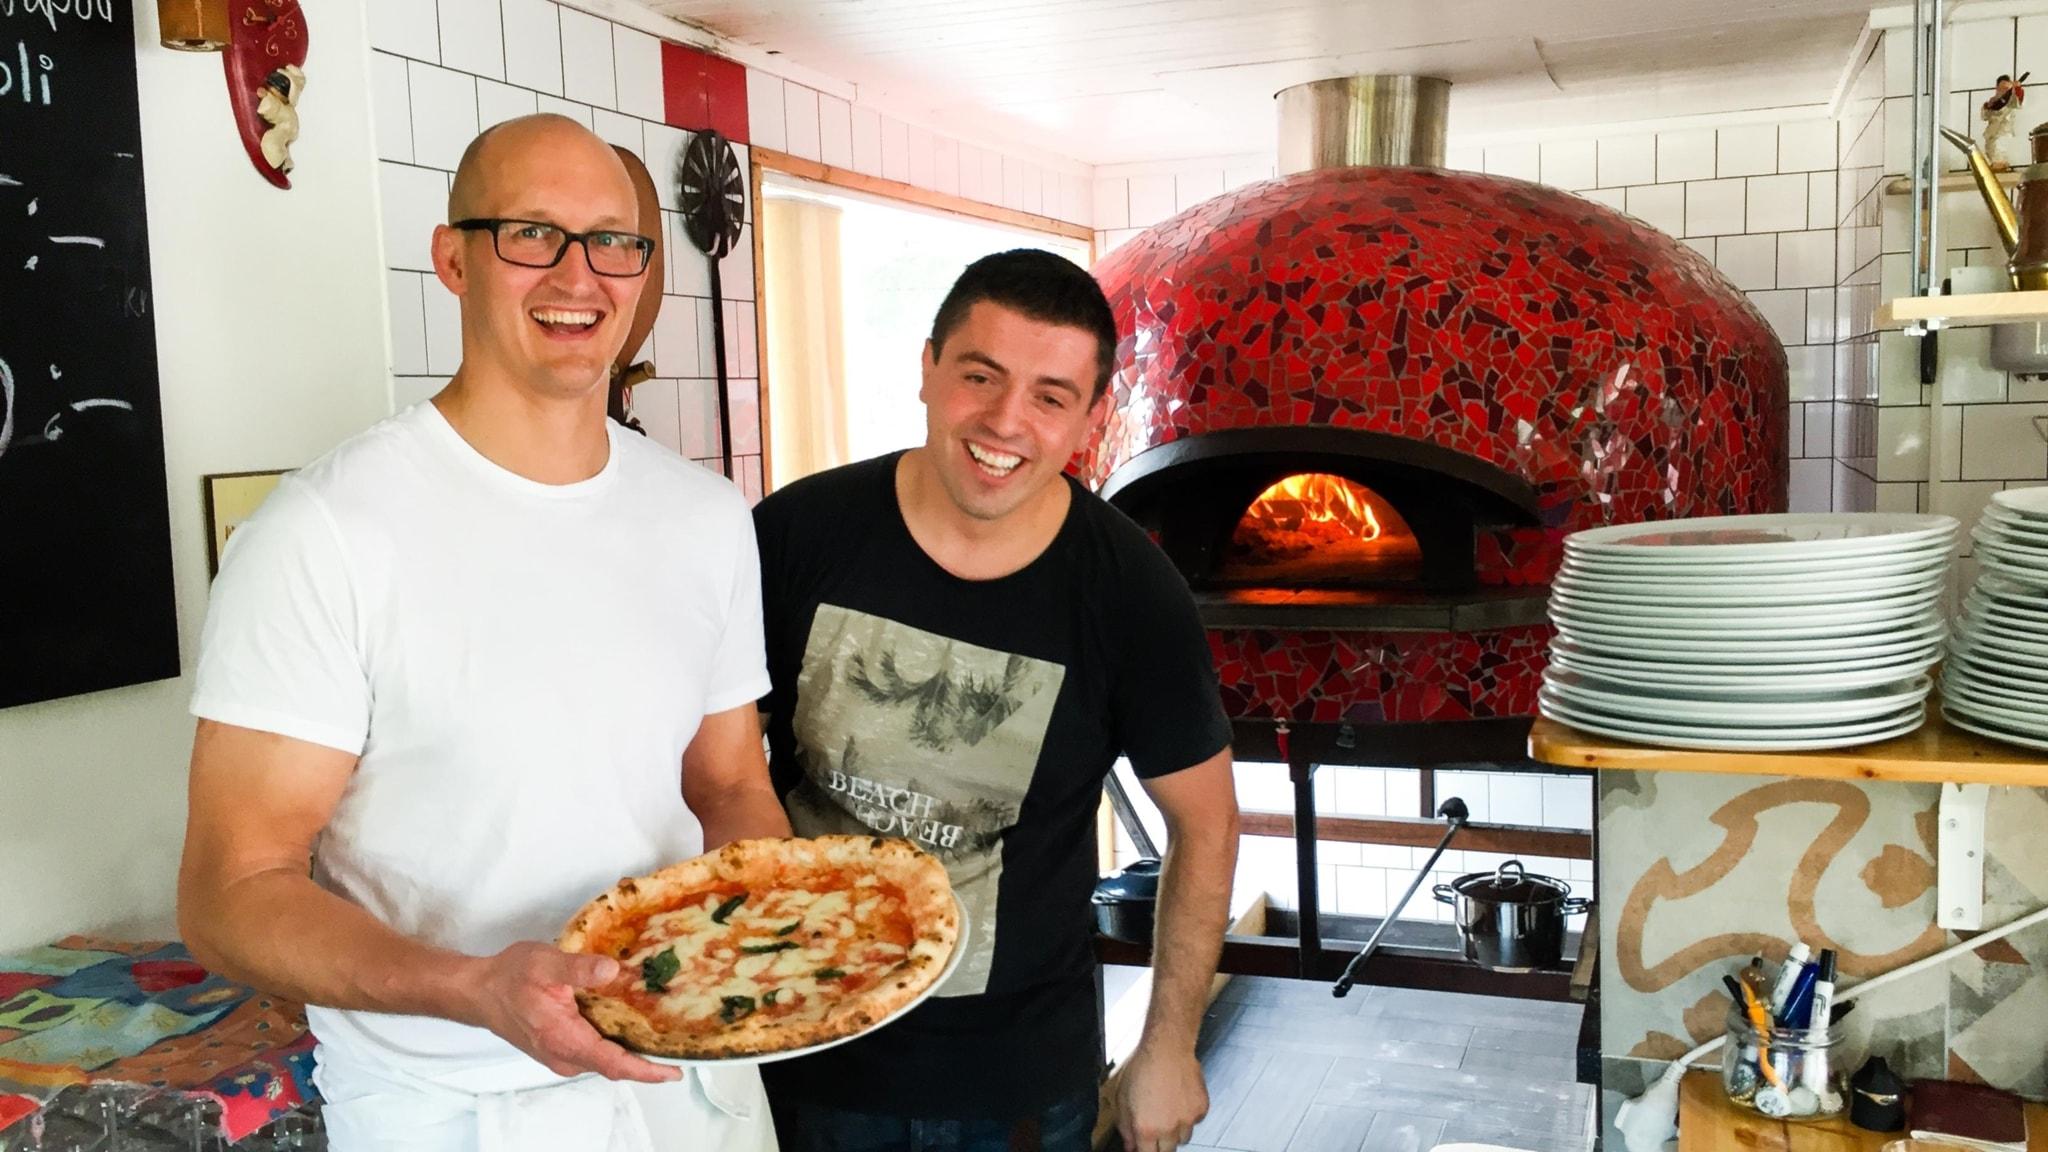 De är helt besatta av pizza från Neapel